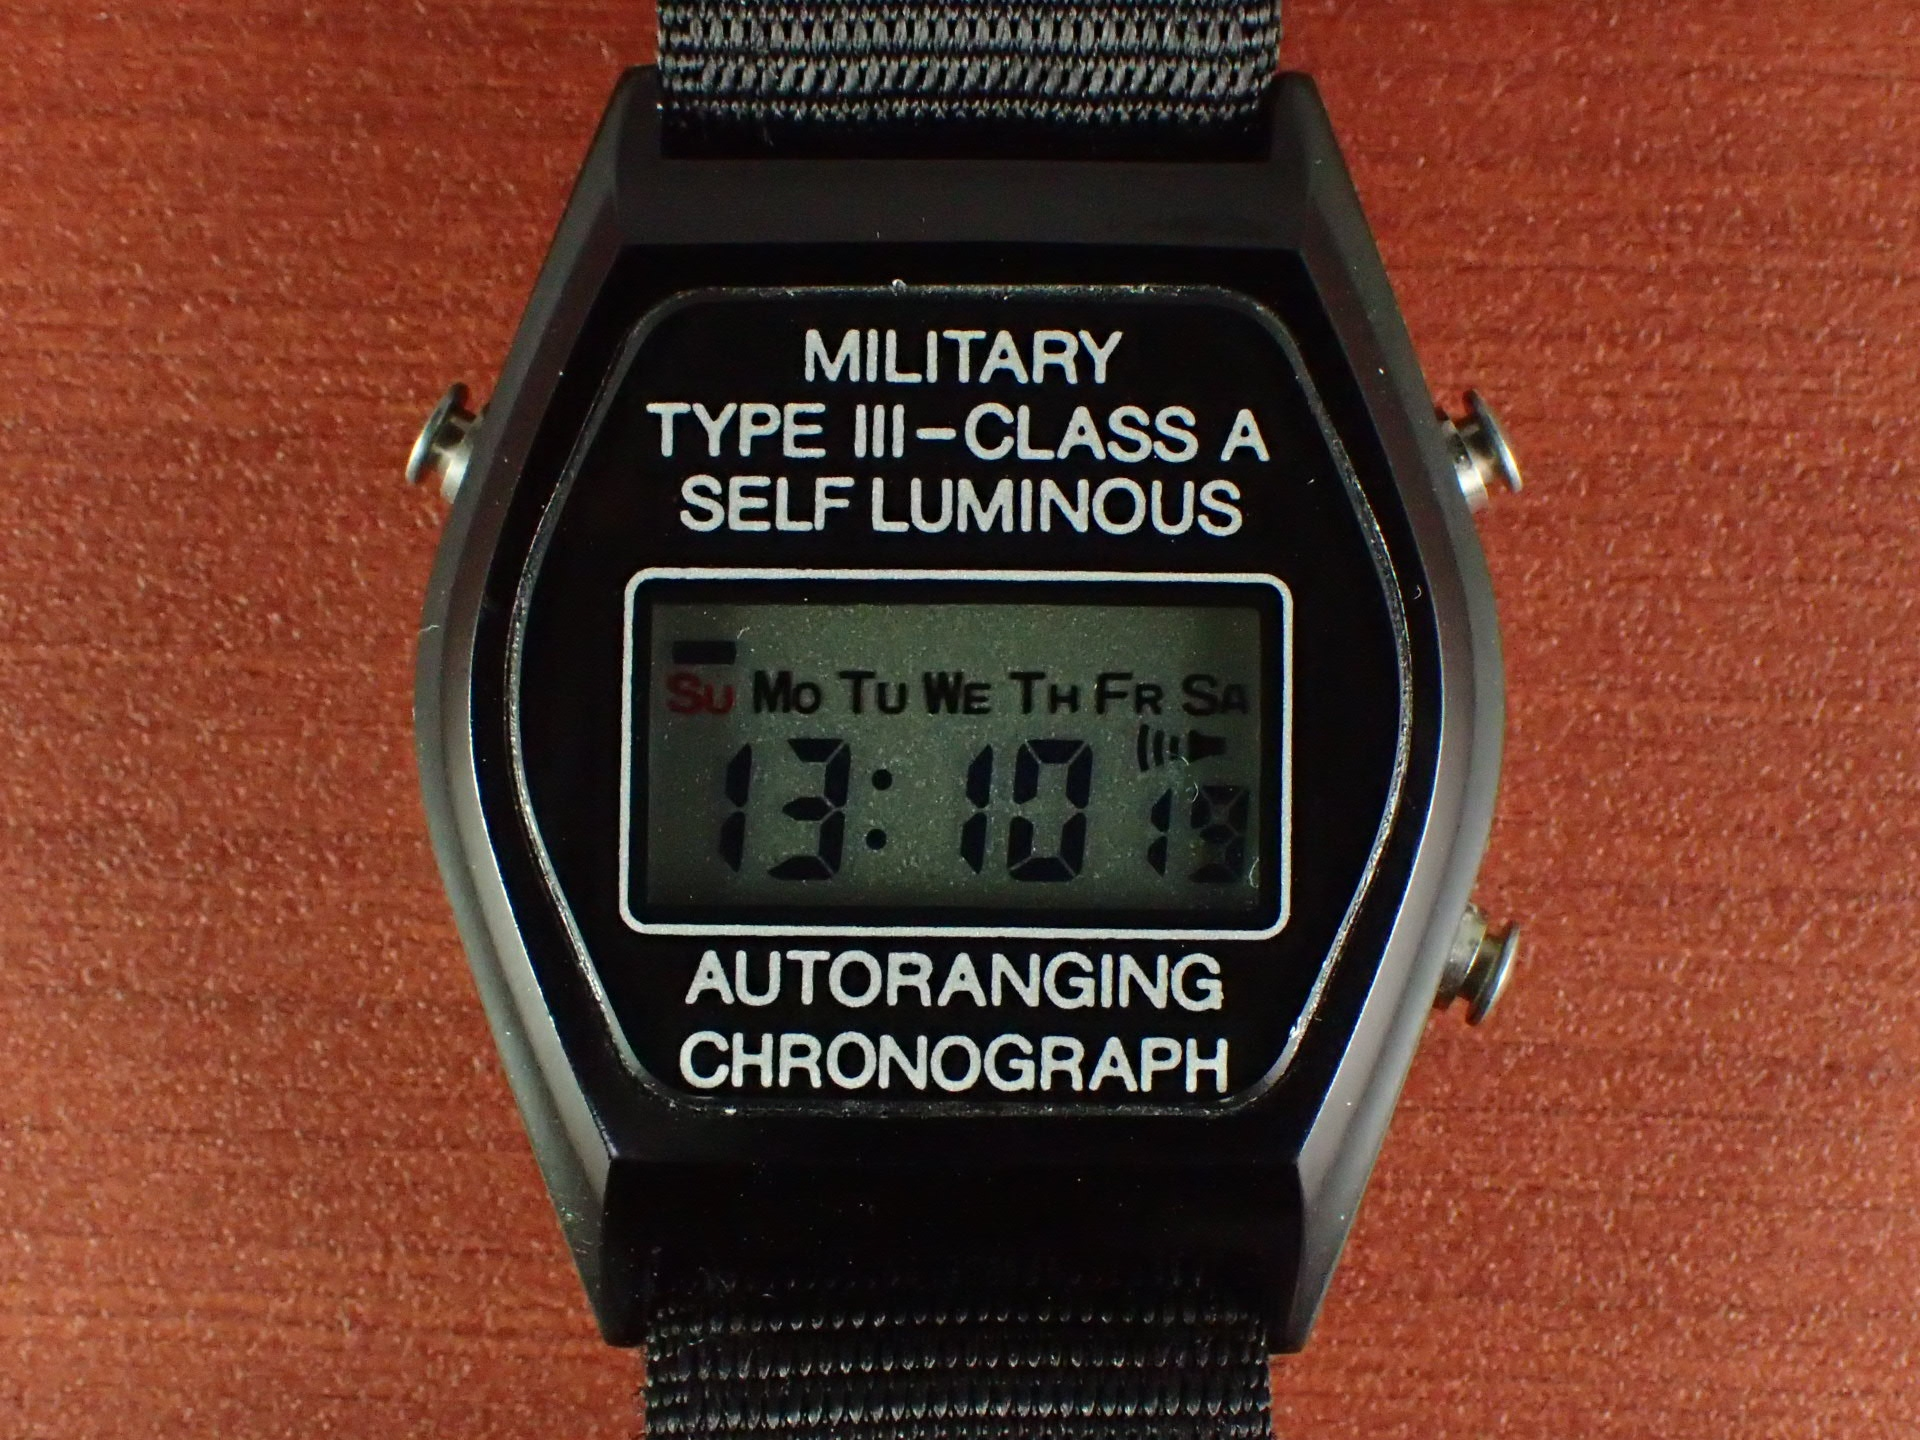 ストッカー&イエール アメリカ空軍 TYPE Ⅲ-CLASS A デジタル 1980年代の写真2枚目